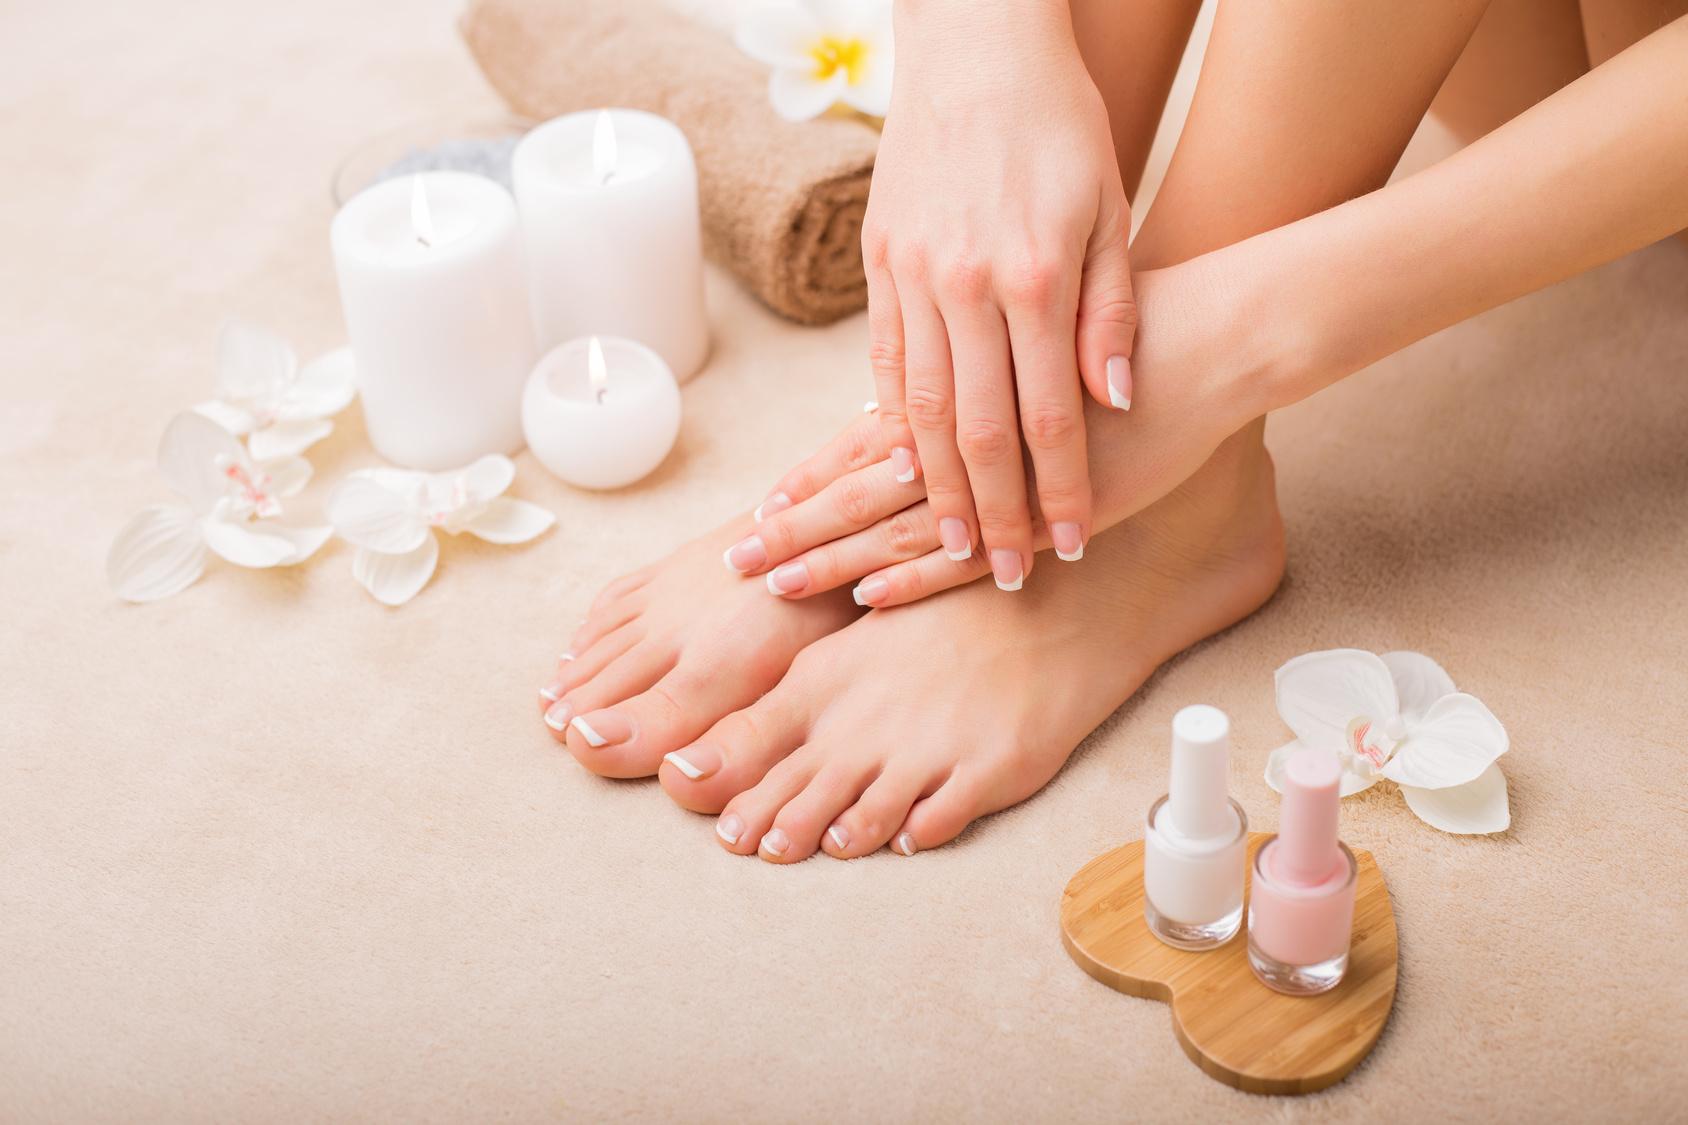 corso manicure pedicure roma